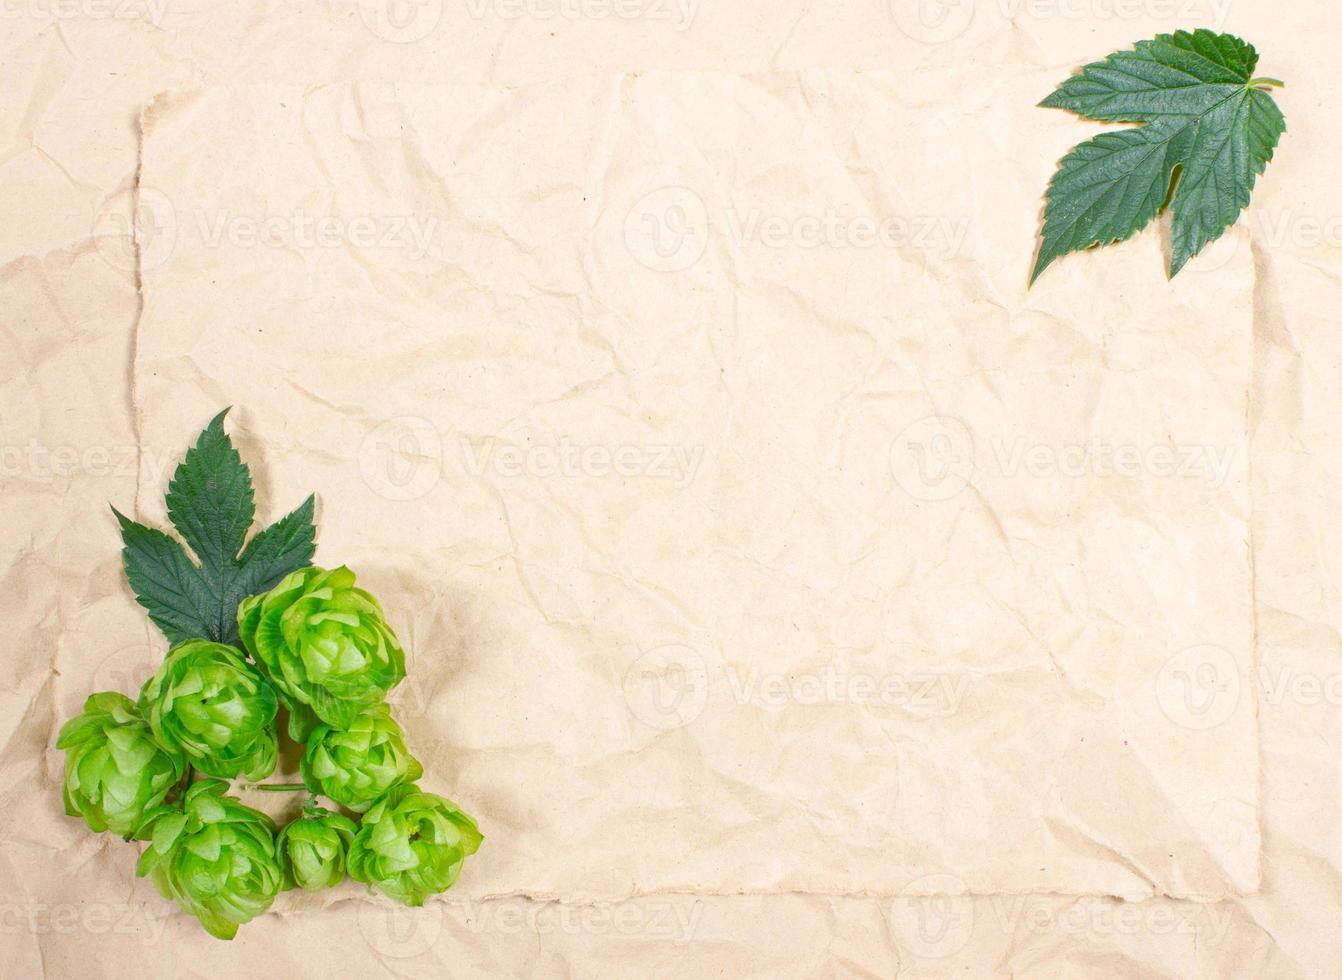 lúpulo fresco y grano de cebada - primer plano foto